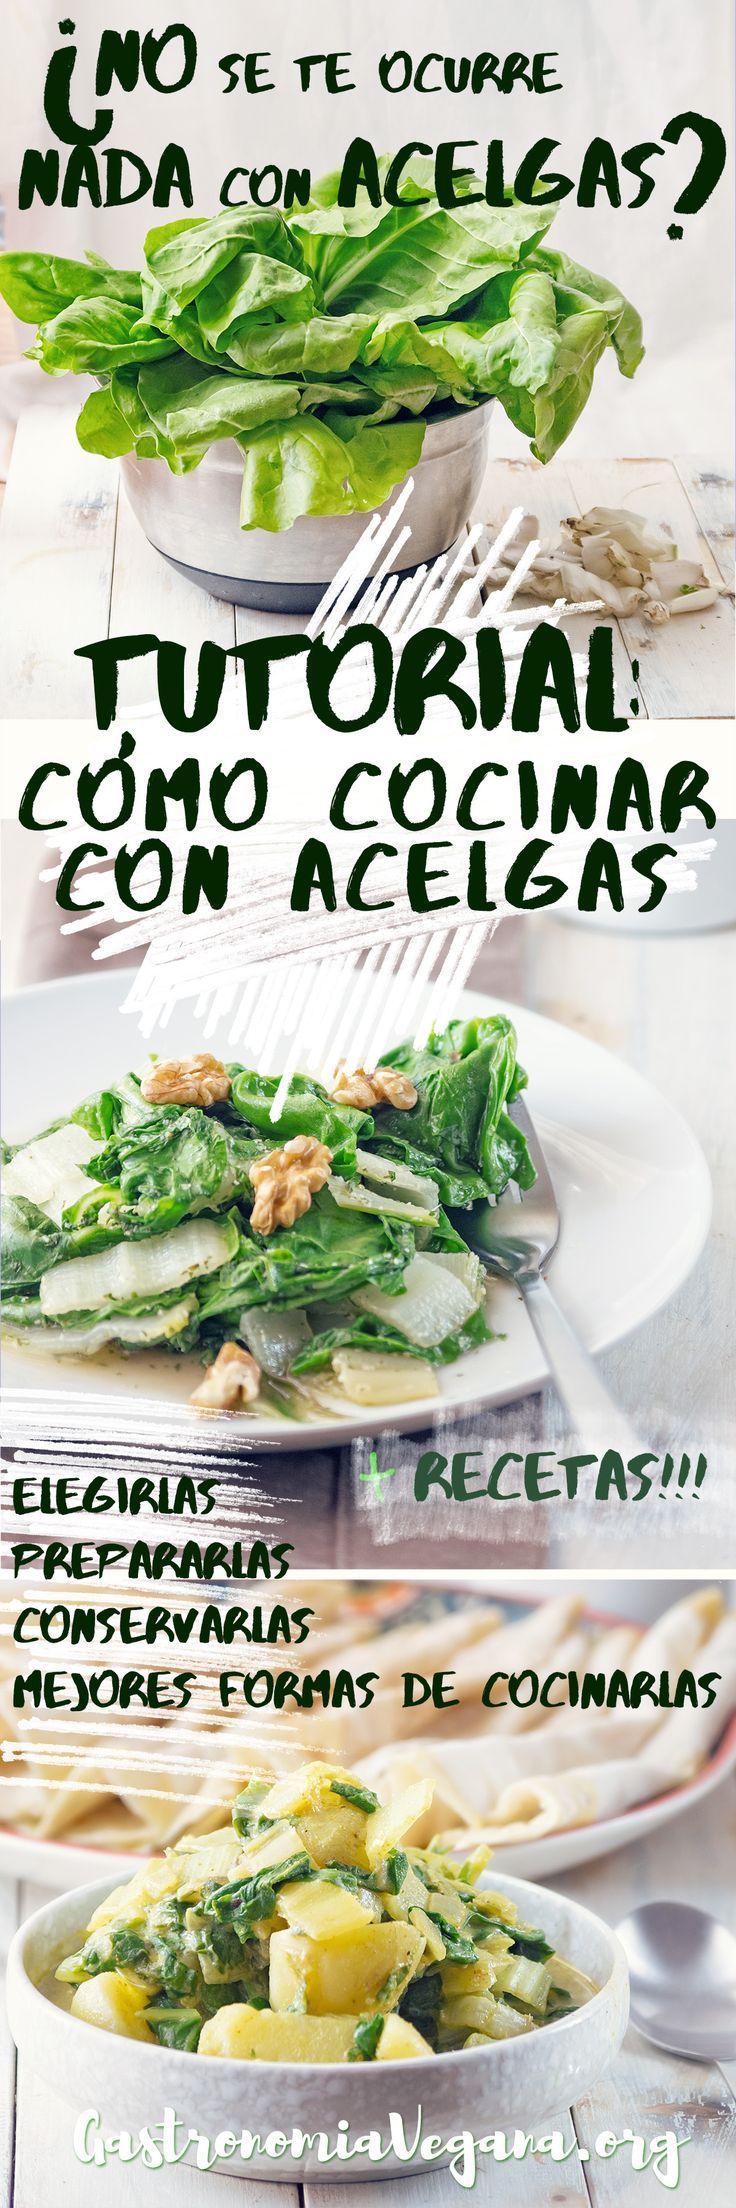 Tutorial: cómo cocinar con acelgas - elegir, almacenar, preparar y recetas de ejemplo #vegan   https://lomejordelaweb.es/